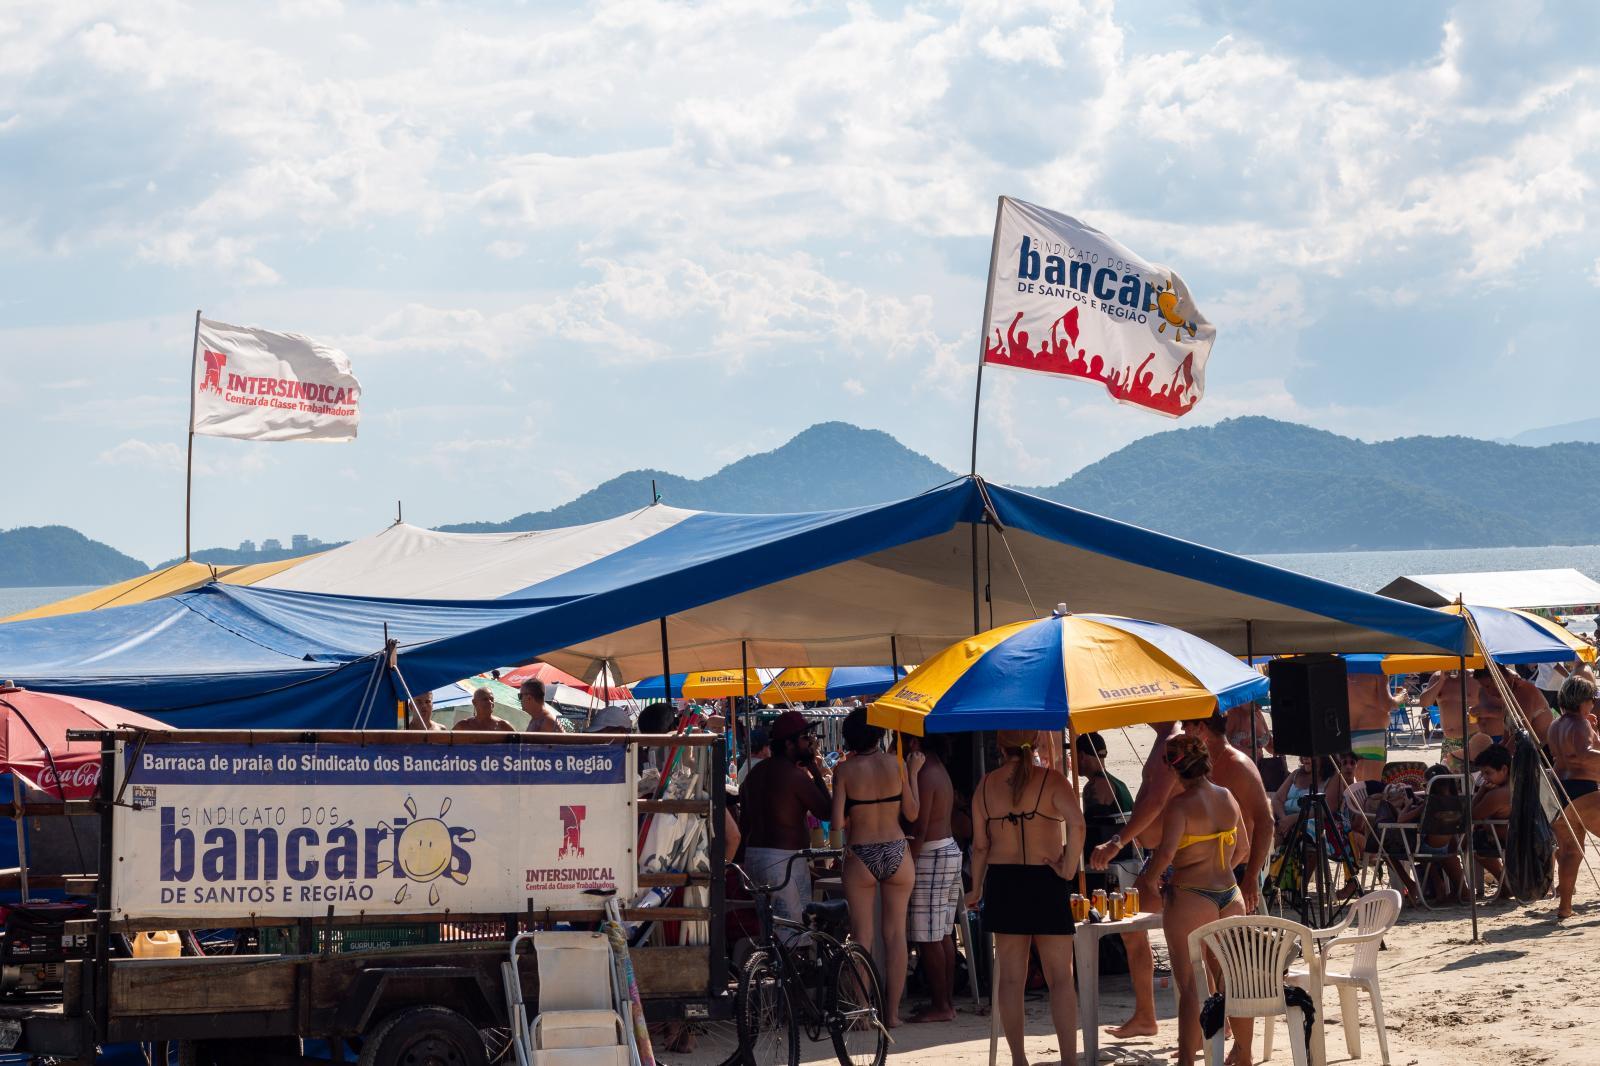 Carnabarraca agita o domingo de Carnaval na barraca de praia do Sindicato